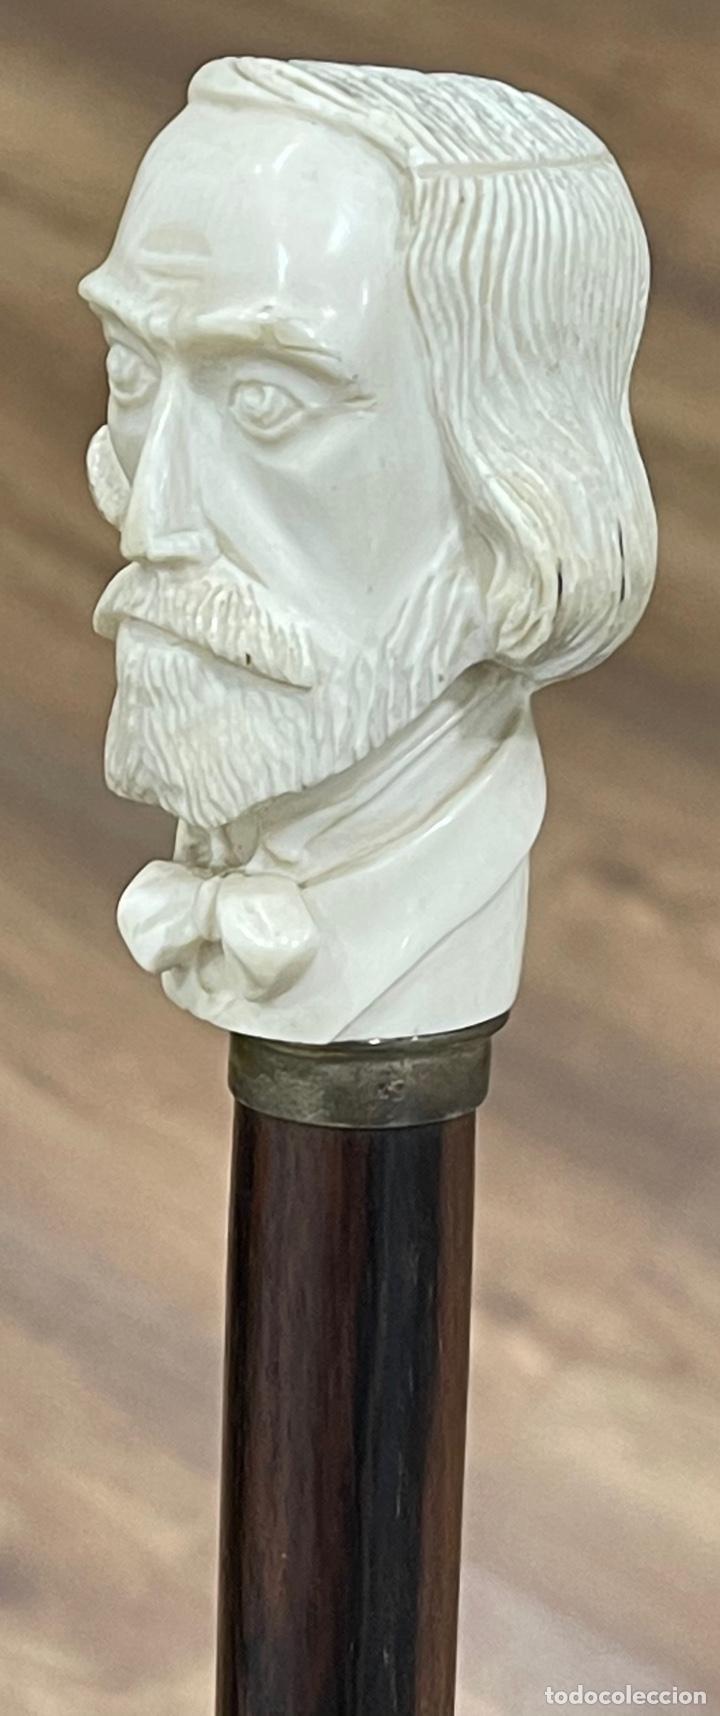 Antigüedades: Bonito bastón, con mango de marfil tallado, y vara en palosanto, o ébano de macassar. - Foto 9 - 255516500